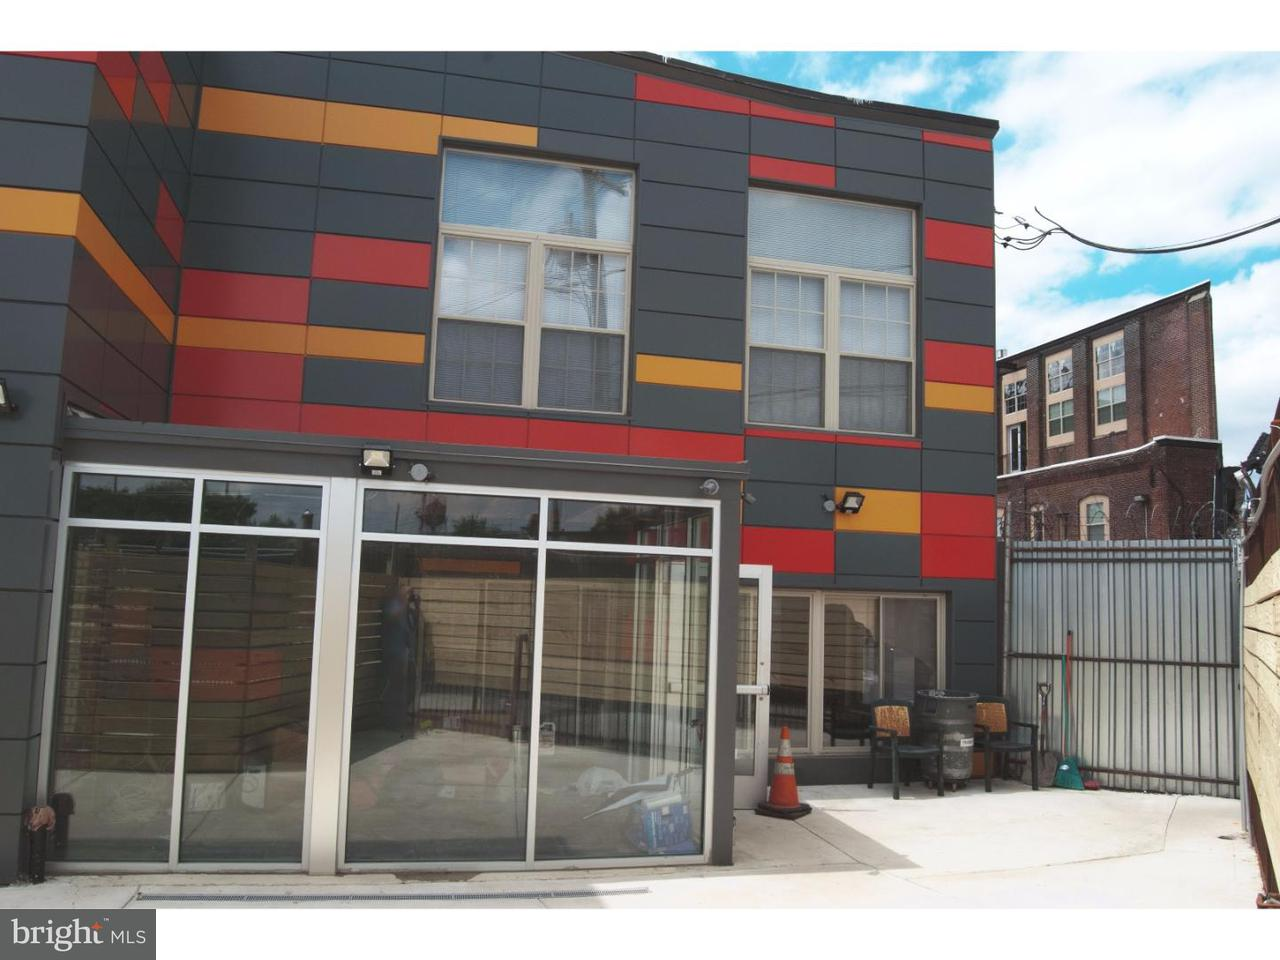 独户住宅 为 出租 在 1822 E GLENWOOD AVE #103 费城, 宾夕法尼亚州 19134 美国